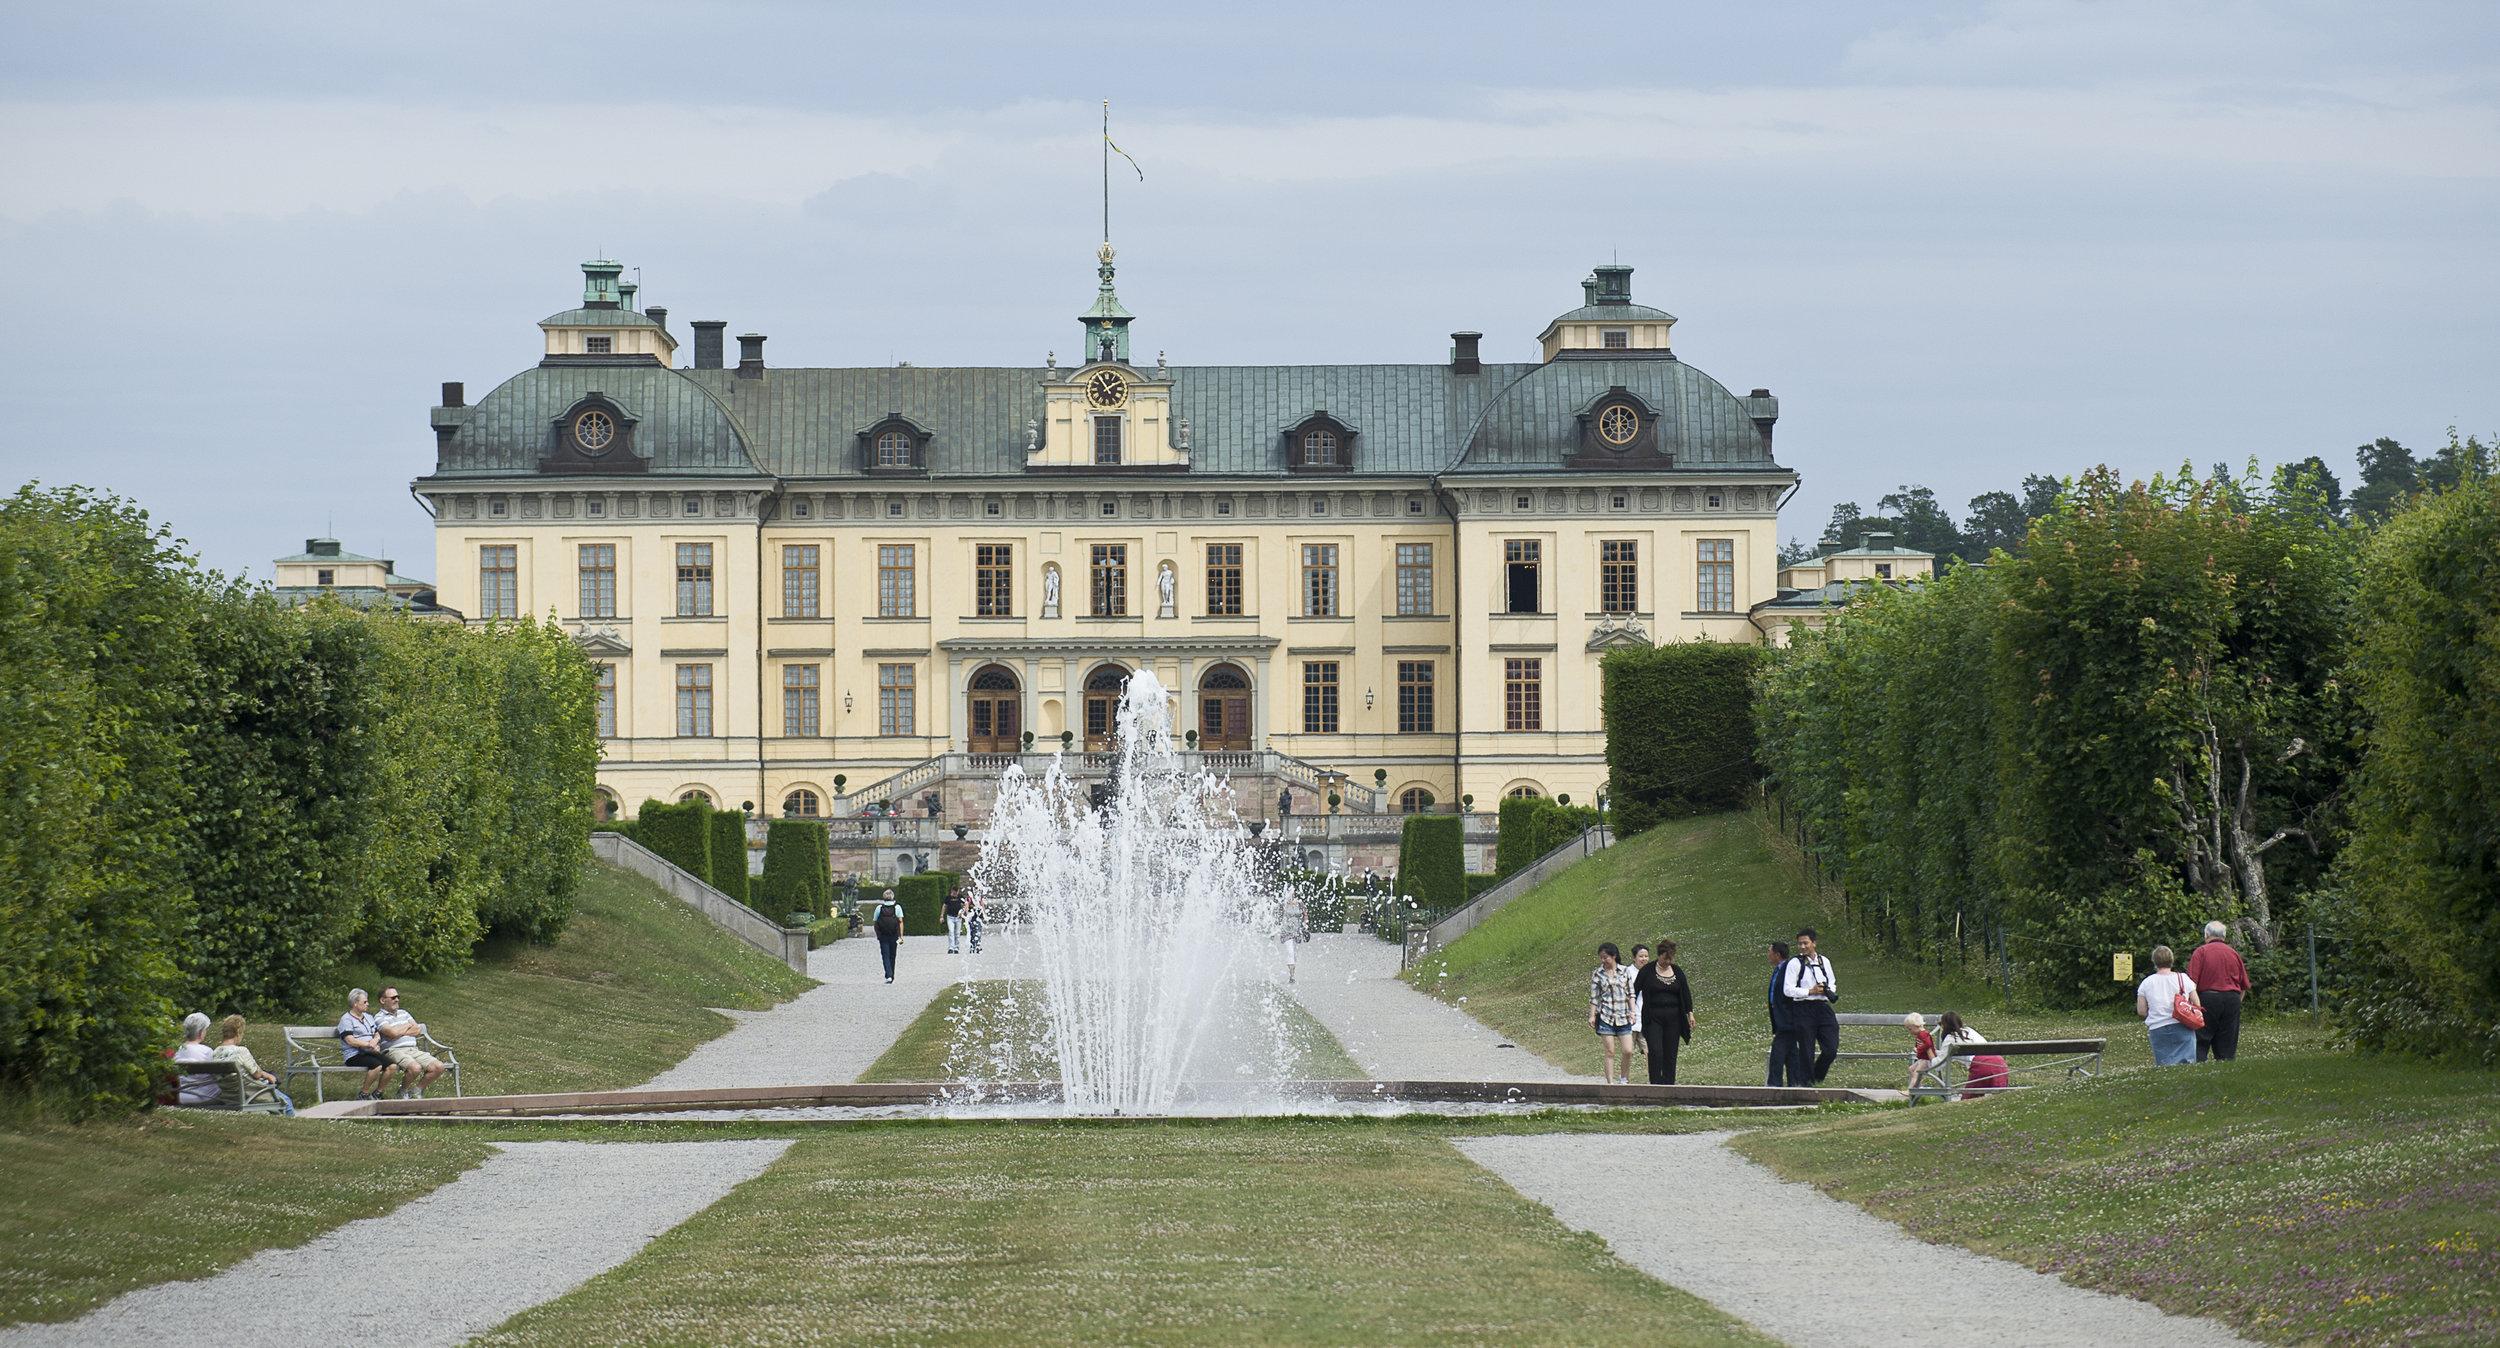 Gruselig: Schloss Drottningholm wird nicht nur von unzähligen Touristen besucht...  Foto: Gomer Swahn, Kungahuset